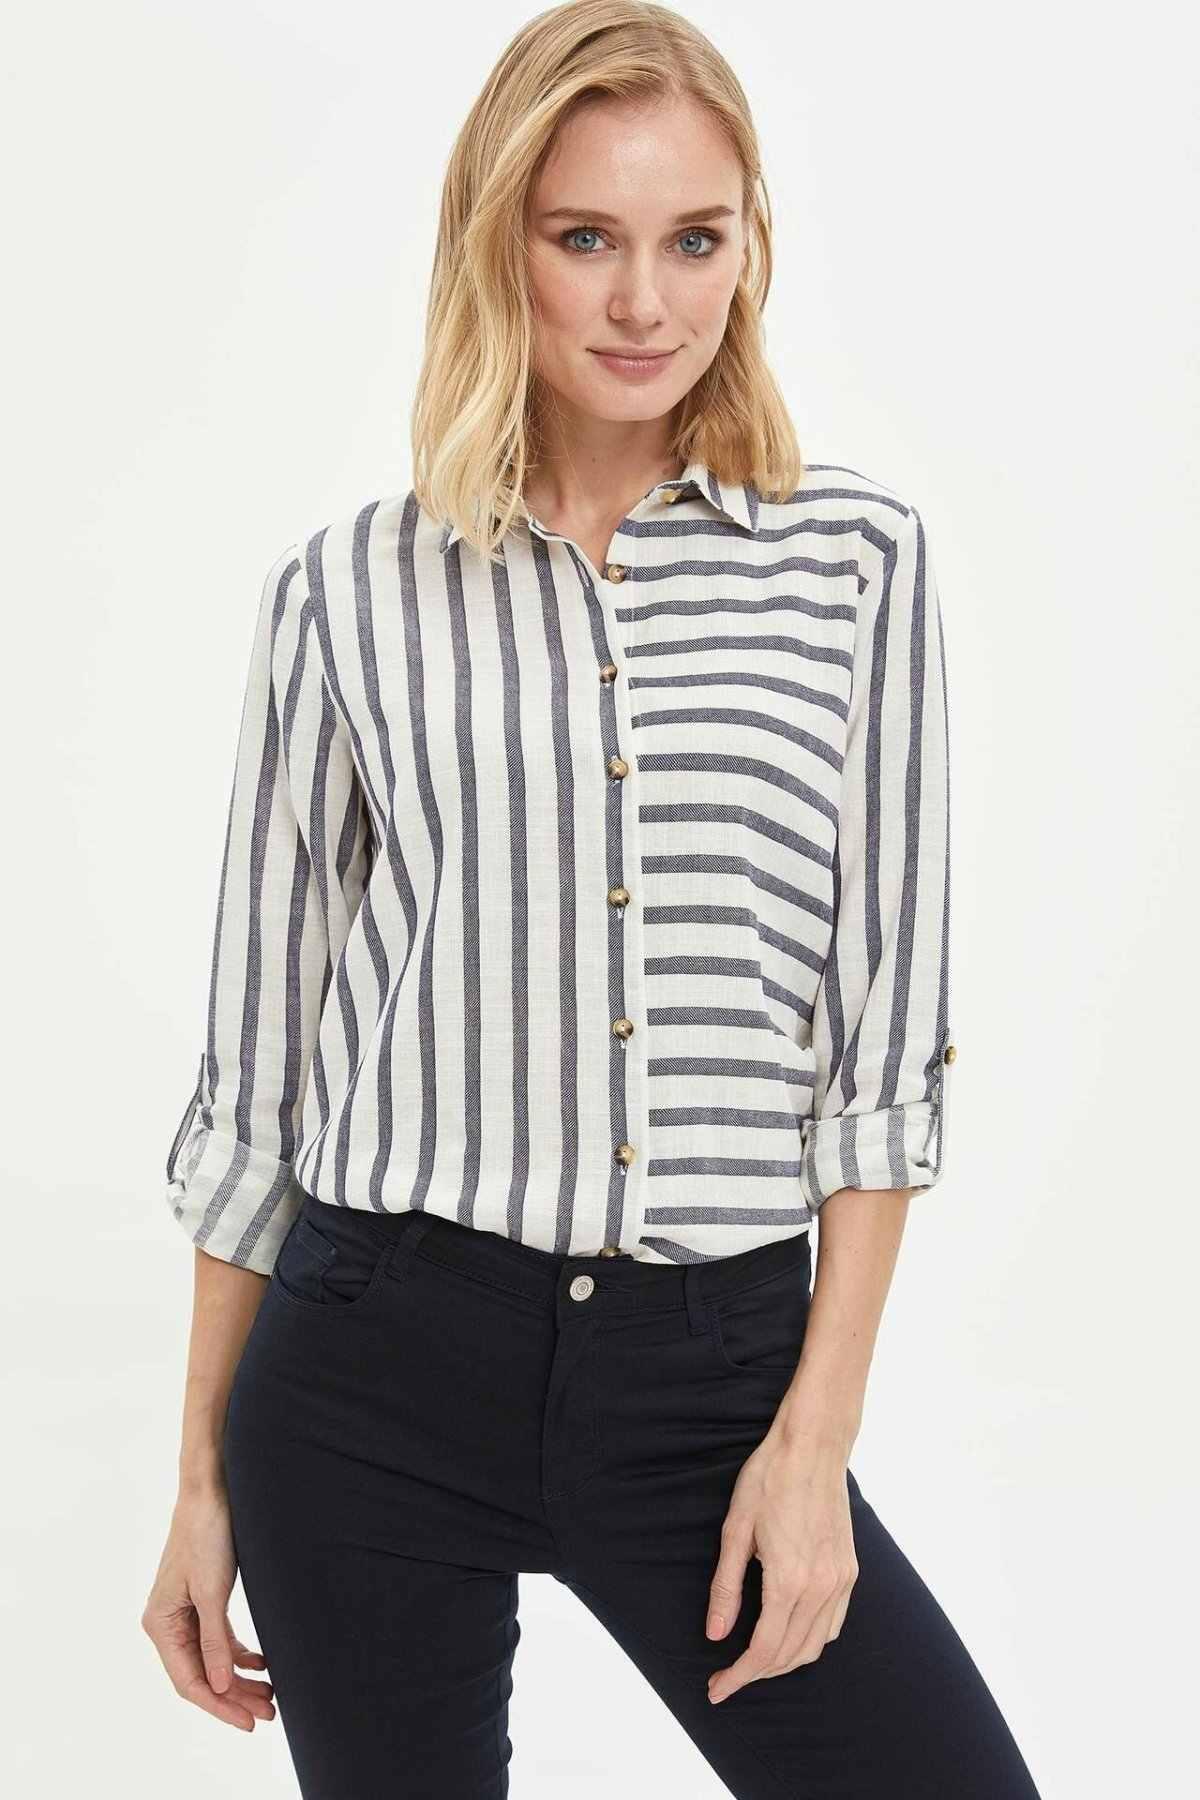 DeFacto אישה אביב פסים חולצות נשים מקרית שחור לבן פסים למעלה חולצות ארוך שרוול Shirt-K3563AZ20SP